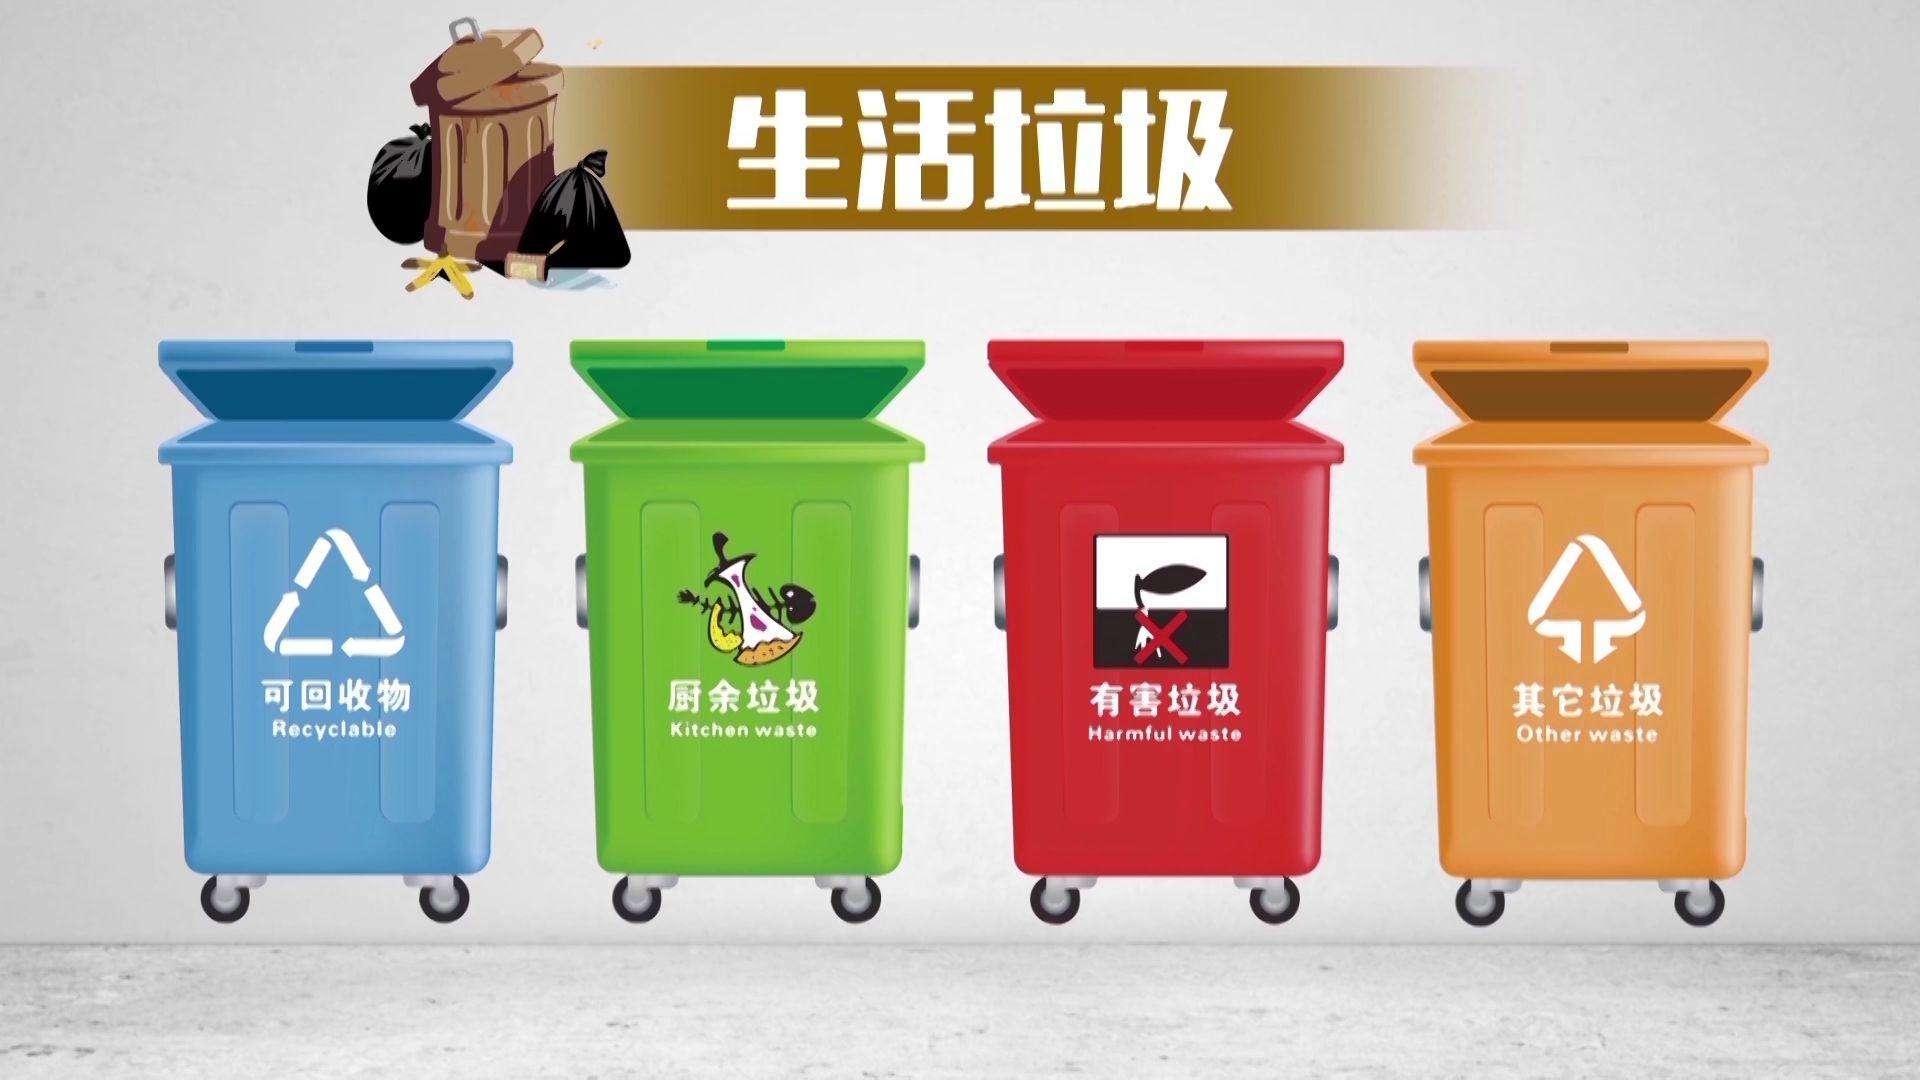 2020年中国垃圾分类行业发展现状及发展趋势分析